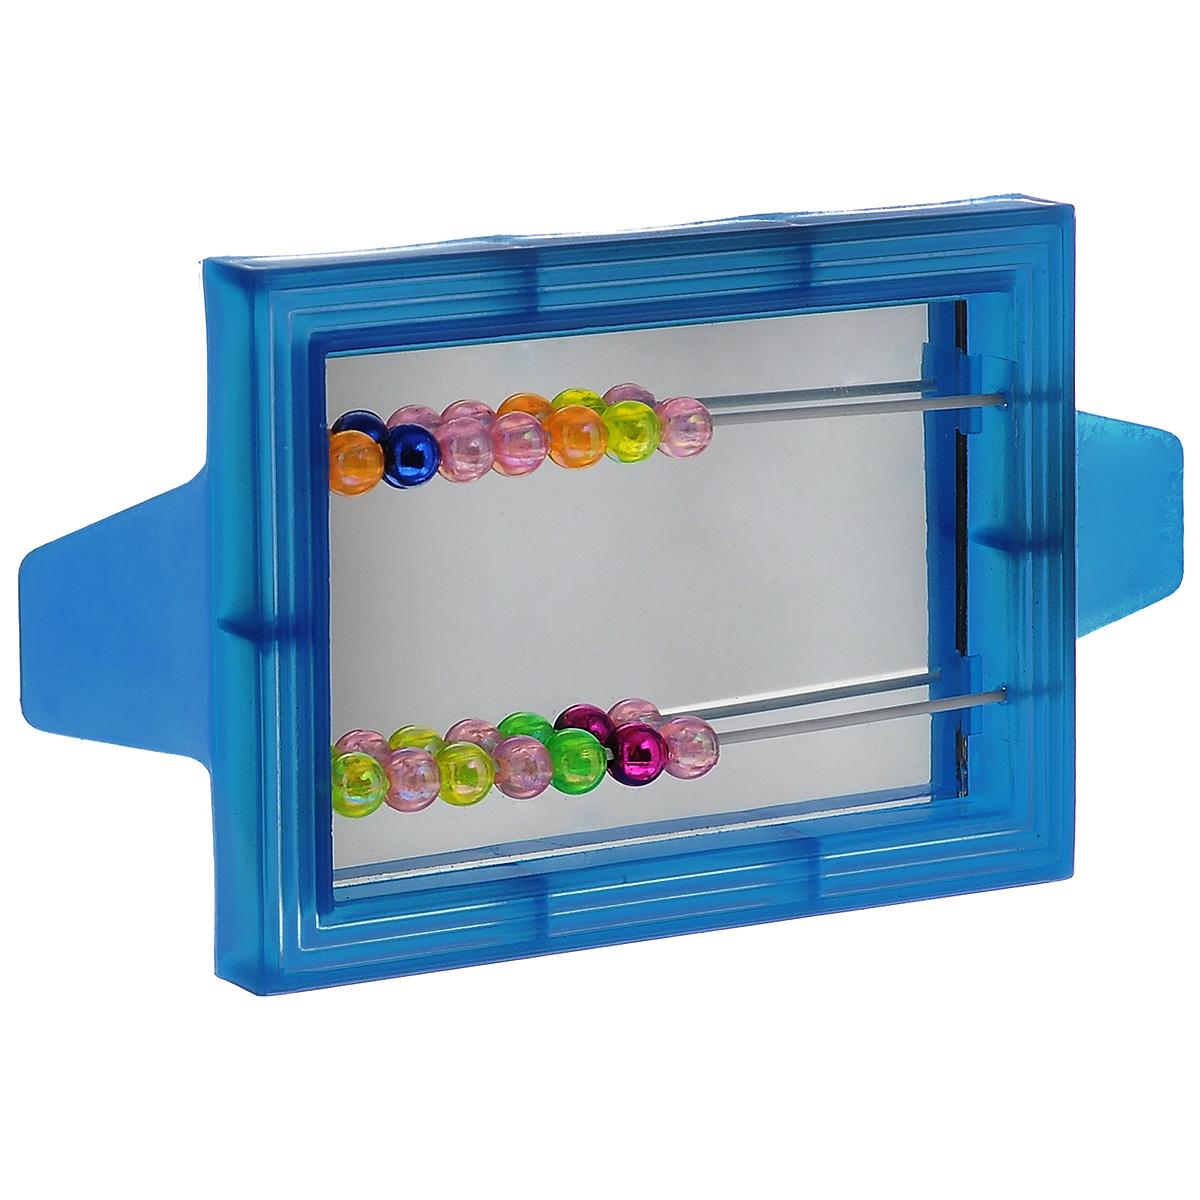 Игрушка для птиц Triol Зеркало с бусинками, цвет: синийBR6_синийИгрушка Triol Зеркало с бусинками, изготовленная из пластика, предназначена для птиц. Зеркало в яркой оправе оснащено двумя металлическими прутиками с подвижными разноцветными бусинами. Такая игрушка не даст скучать вашему питомцу.